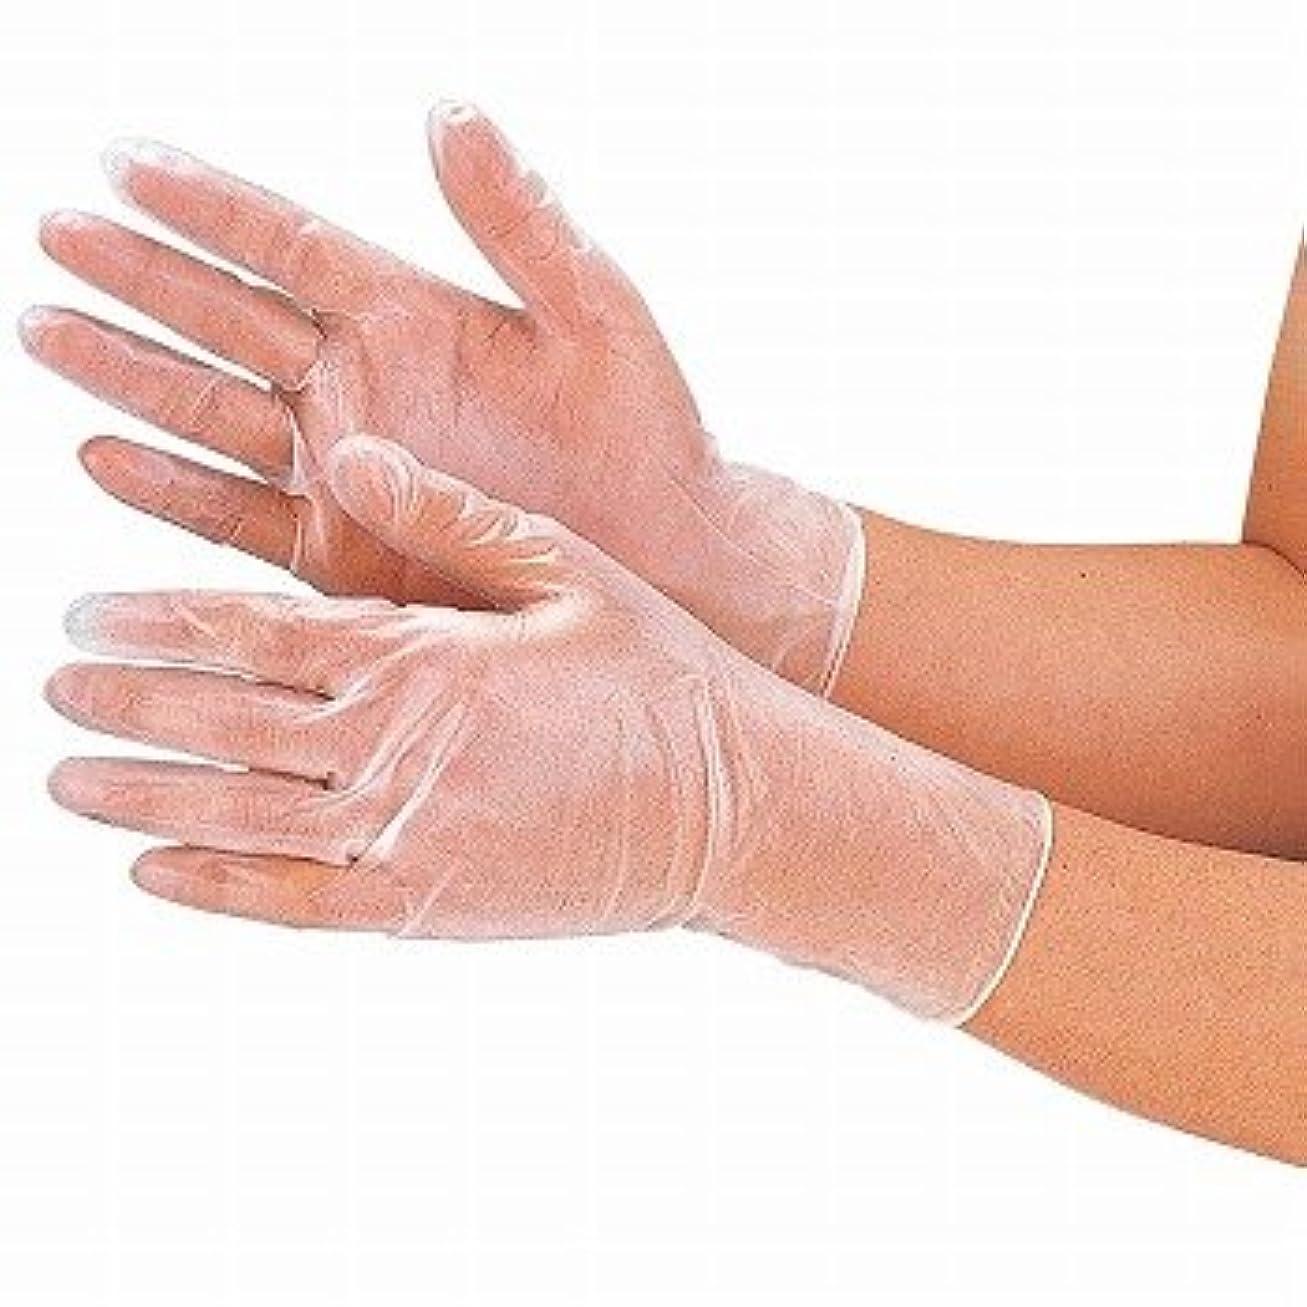 原始的なゴネリル鉱夫おたふく手袋/プラスチックディスポ手袋 100枚入×20セット[総数2000枚]/品番:255 サイズ:M